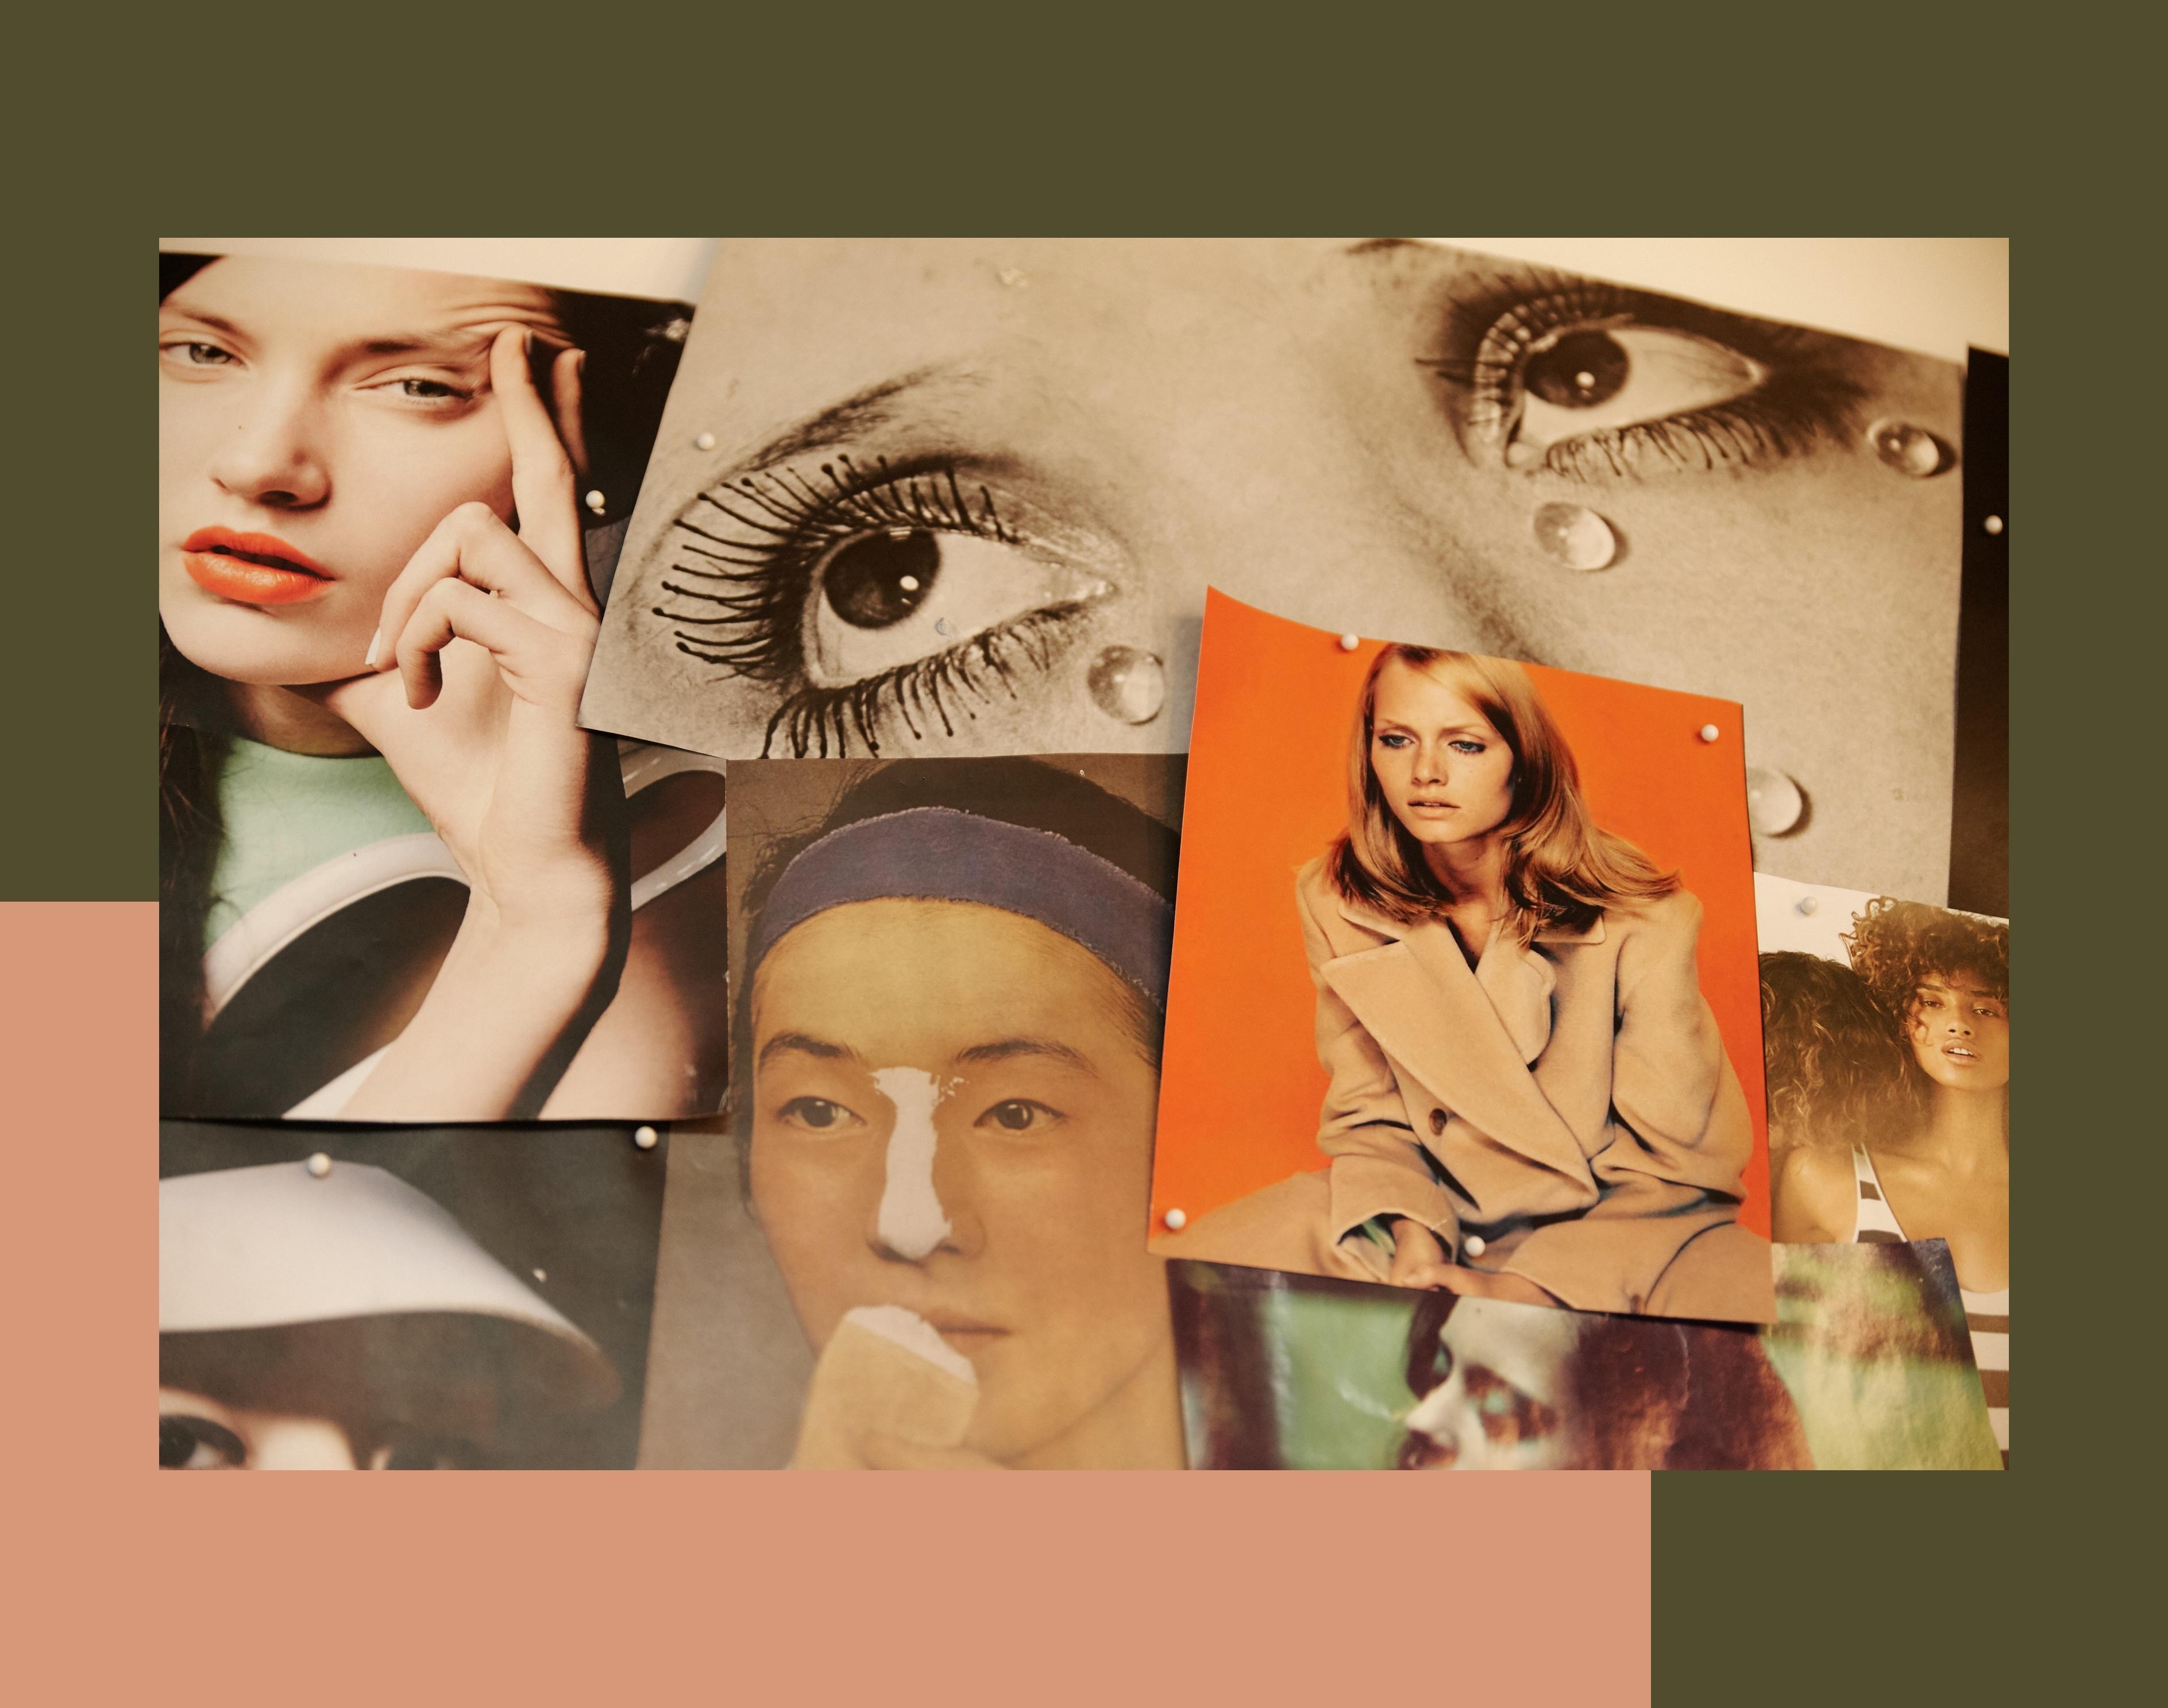 Lisa Eldridge: Wie machten es die Geishas? Wie tuschte man die Wimpern in den 1930ern? Eldridge sammelt Zeugnisse der Schönheitsgeschichte.